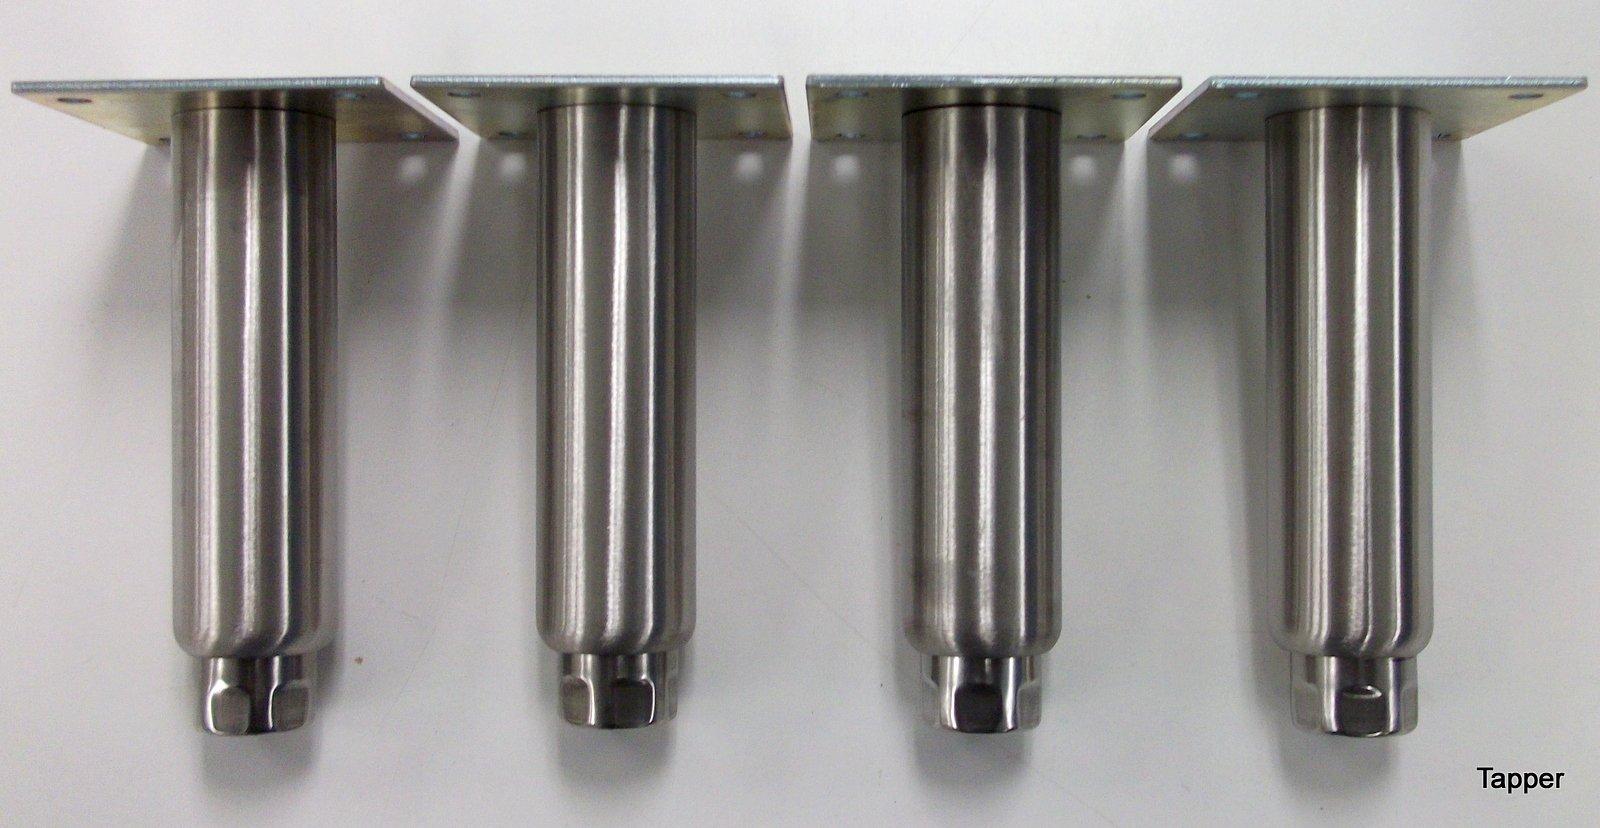 Kason 6'' Stainless Steel Adjustable Leg Leveler set of 4 legs NSF